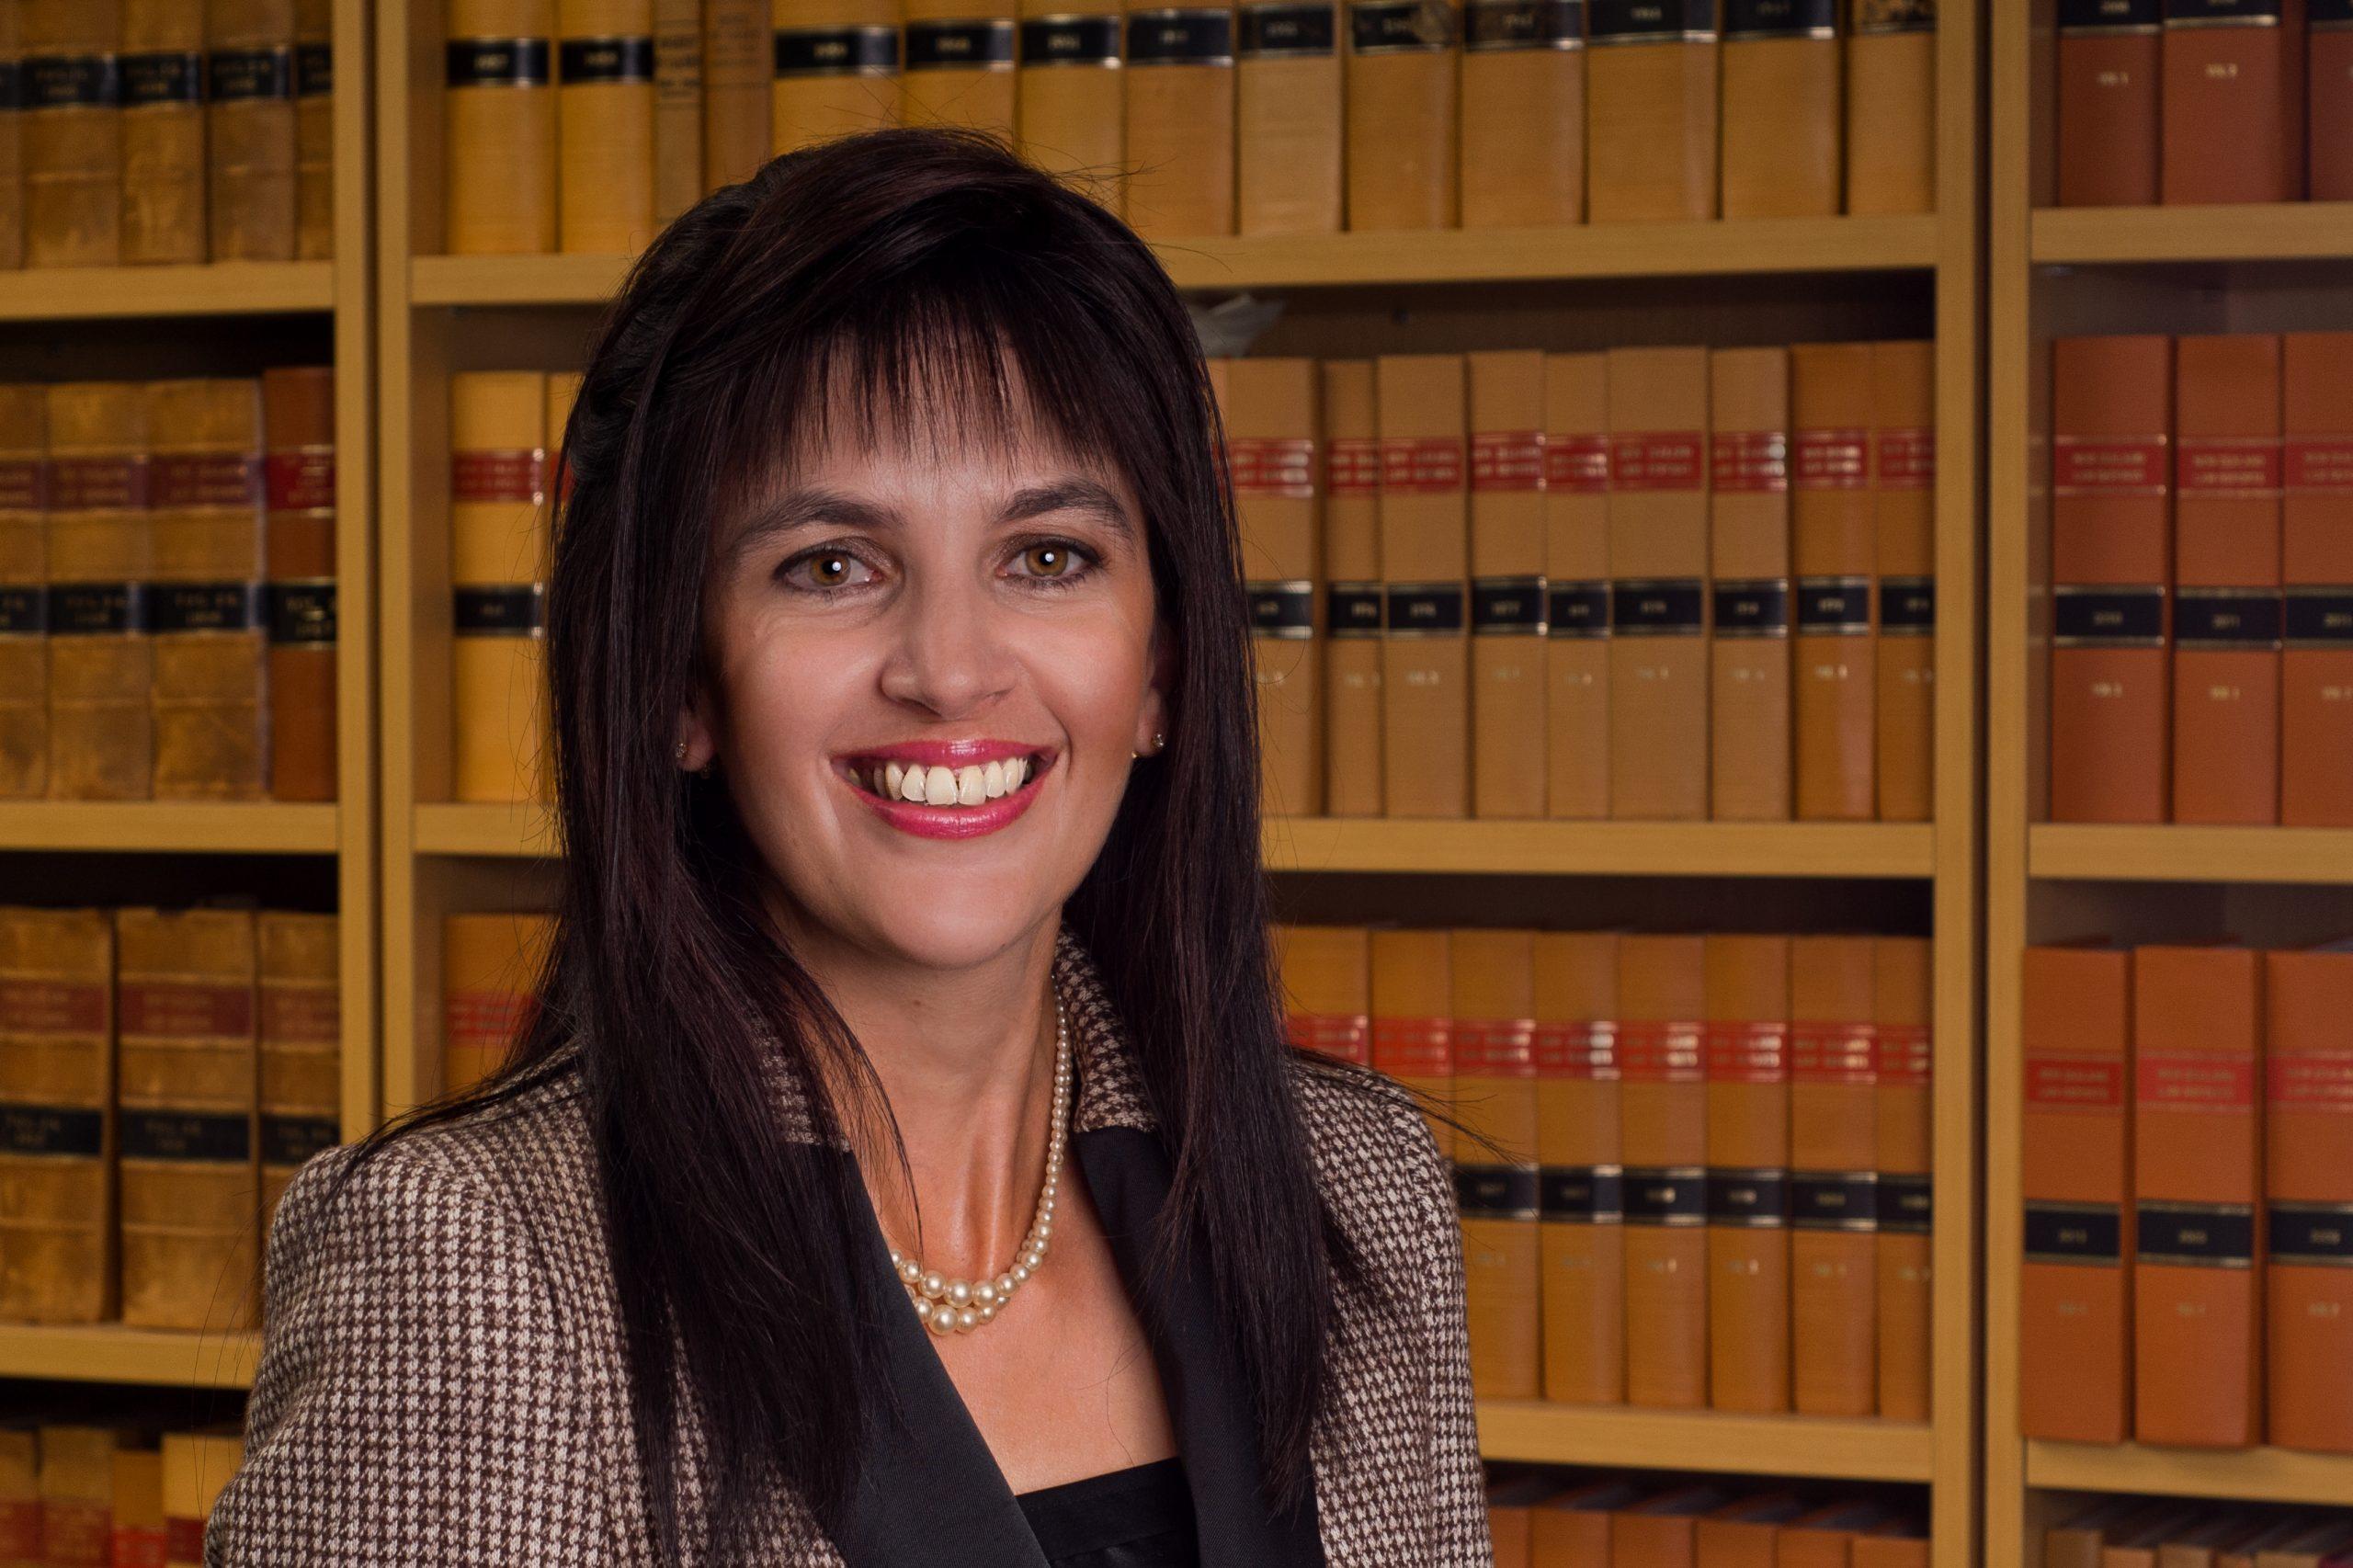 Anita Killeen